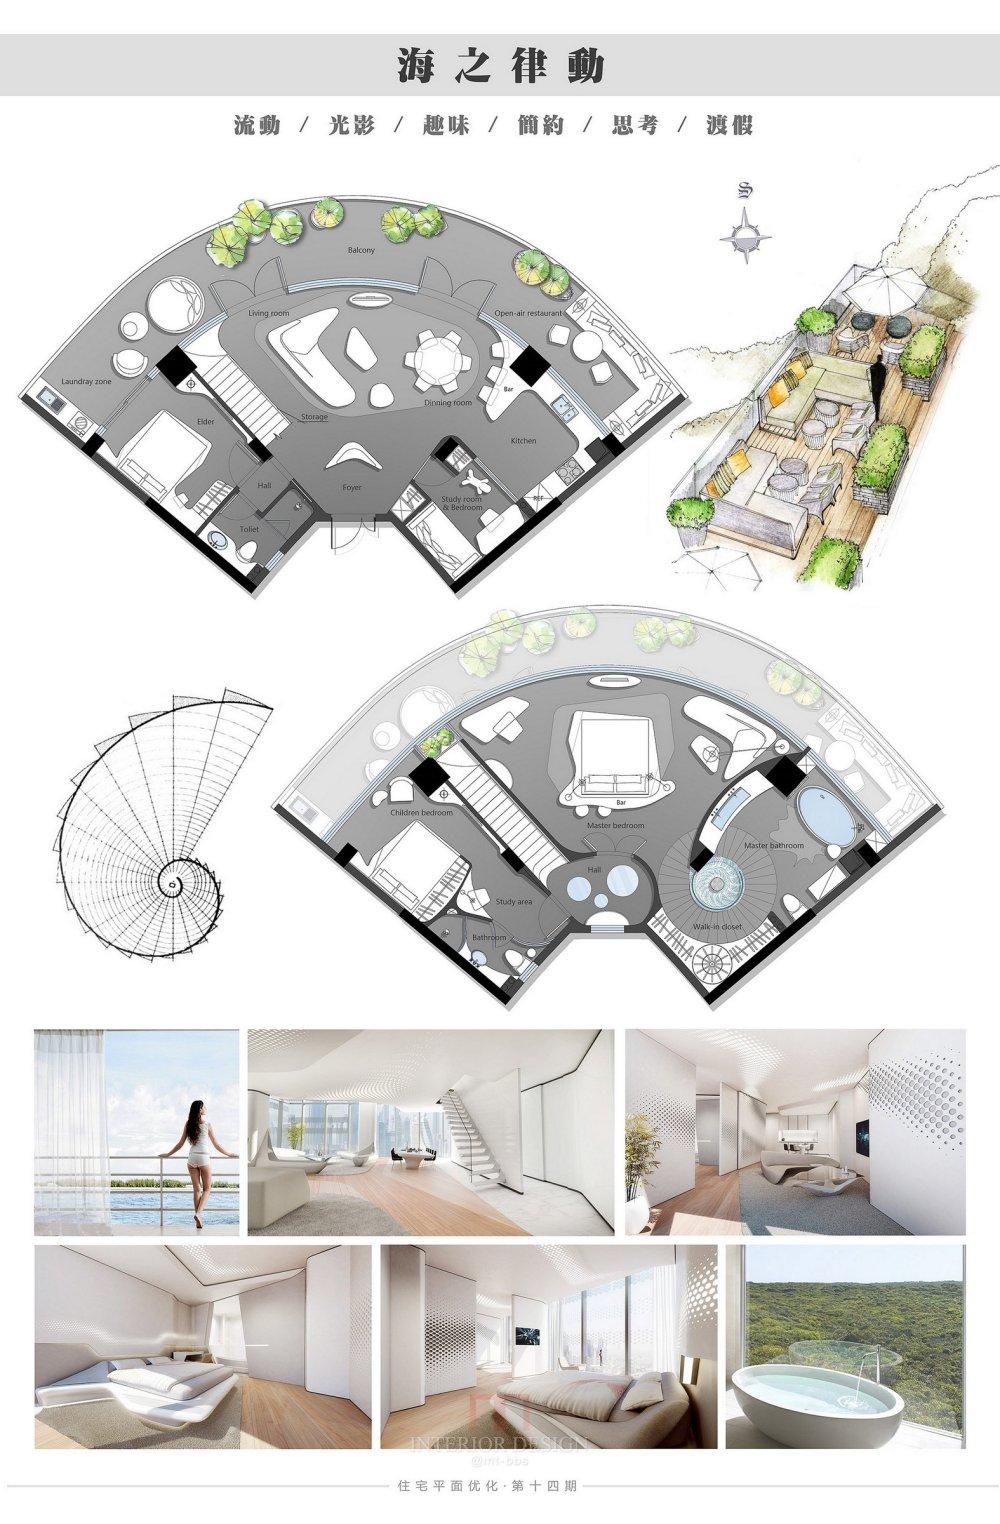 【第14期-住宅平面优化】一个跃层海景房11个方案 投票奖励DB_02.jpg